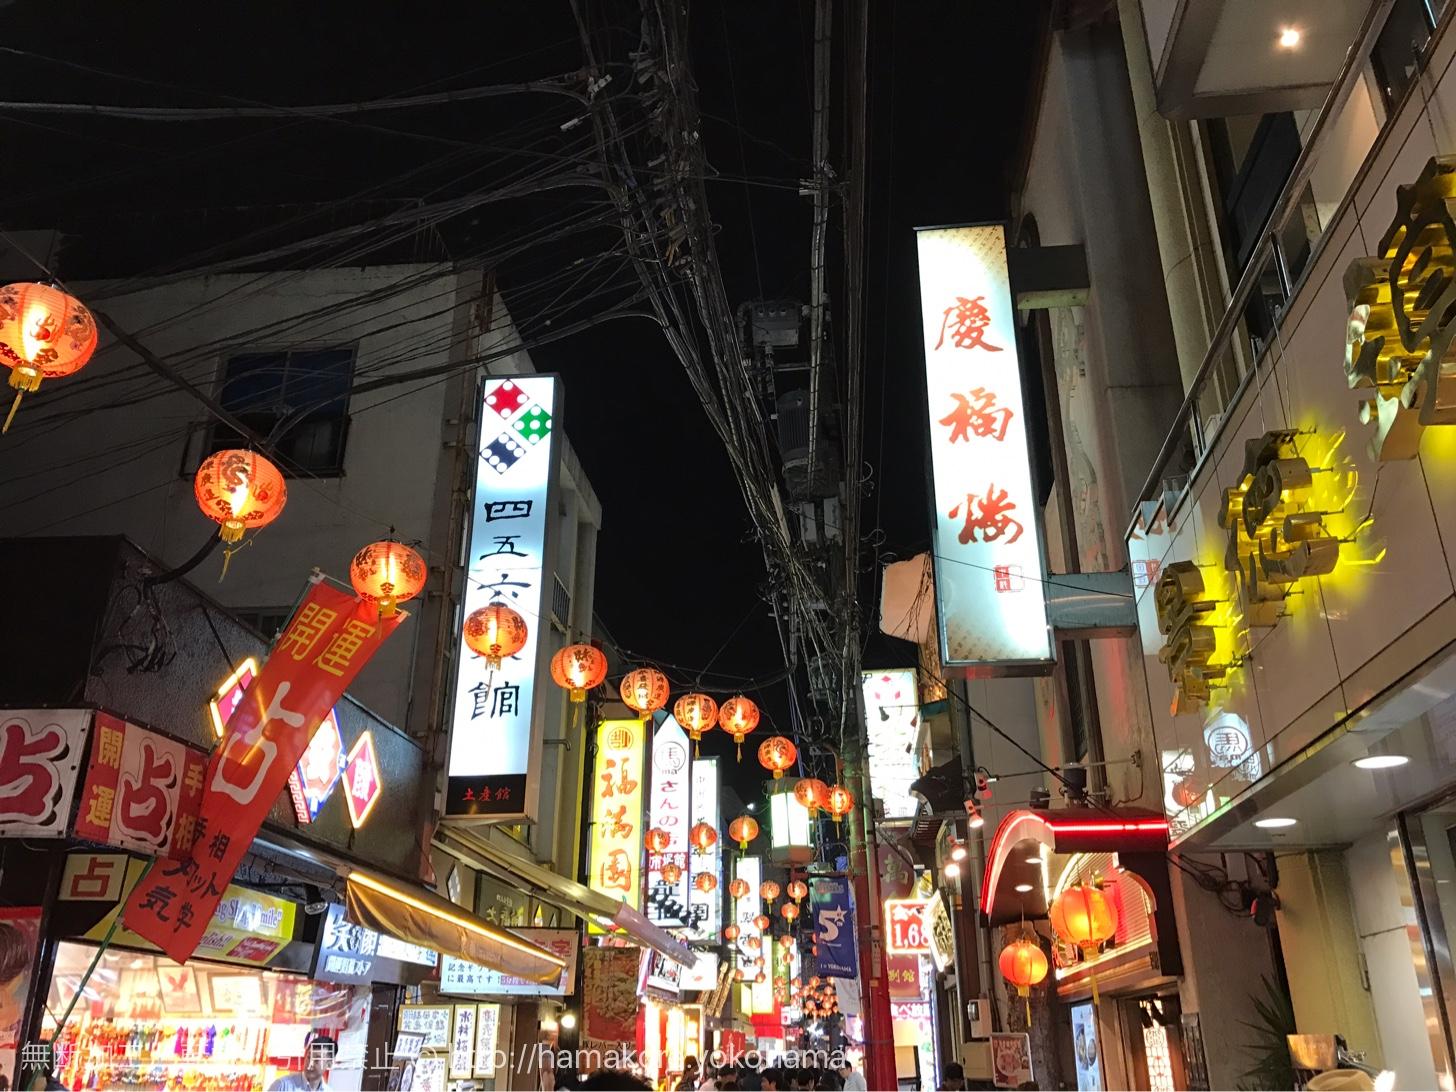 旅ずきんちゃん「横浜中華街名店巡り」で訪れた点心のお店5軒 小籠包・焼売・水餃子など